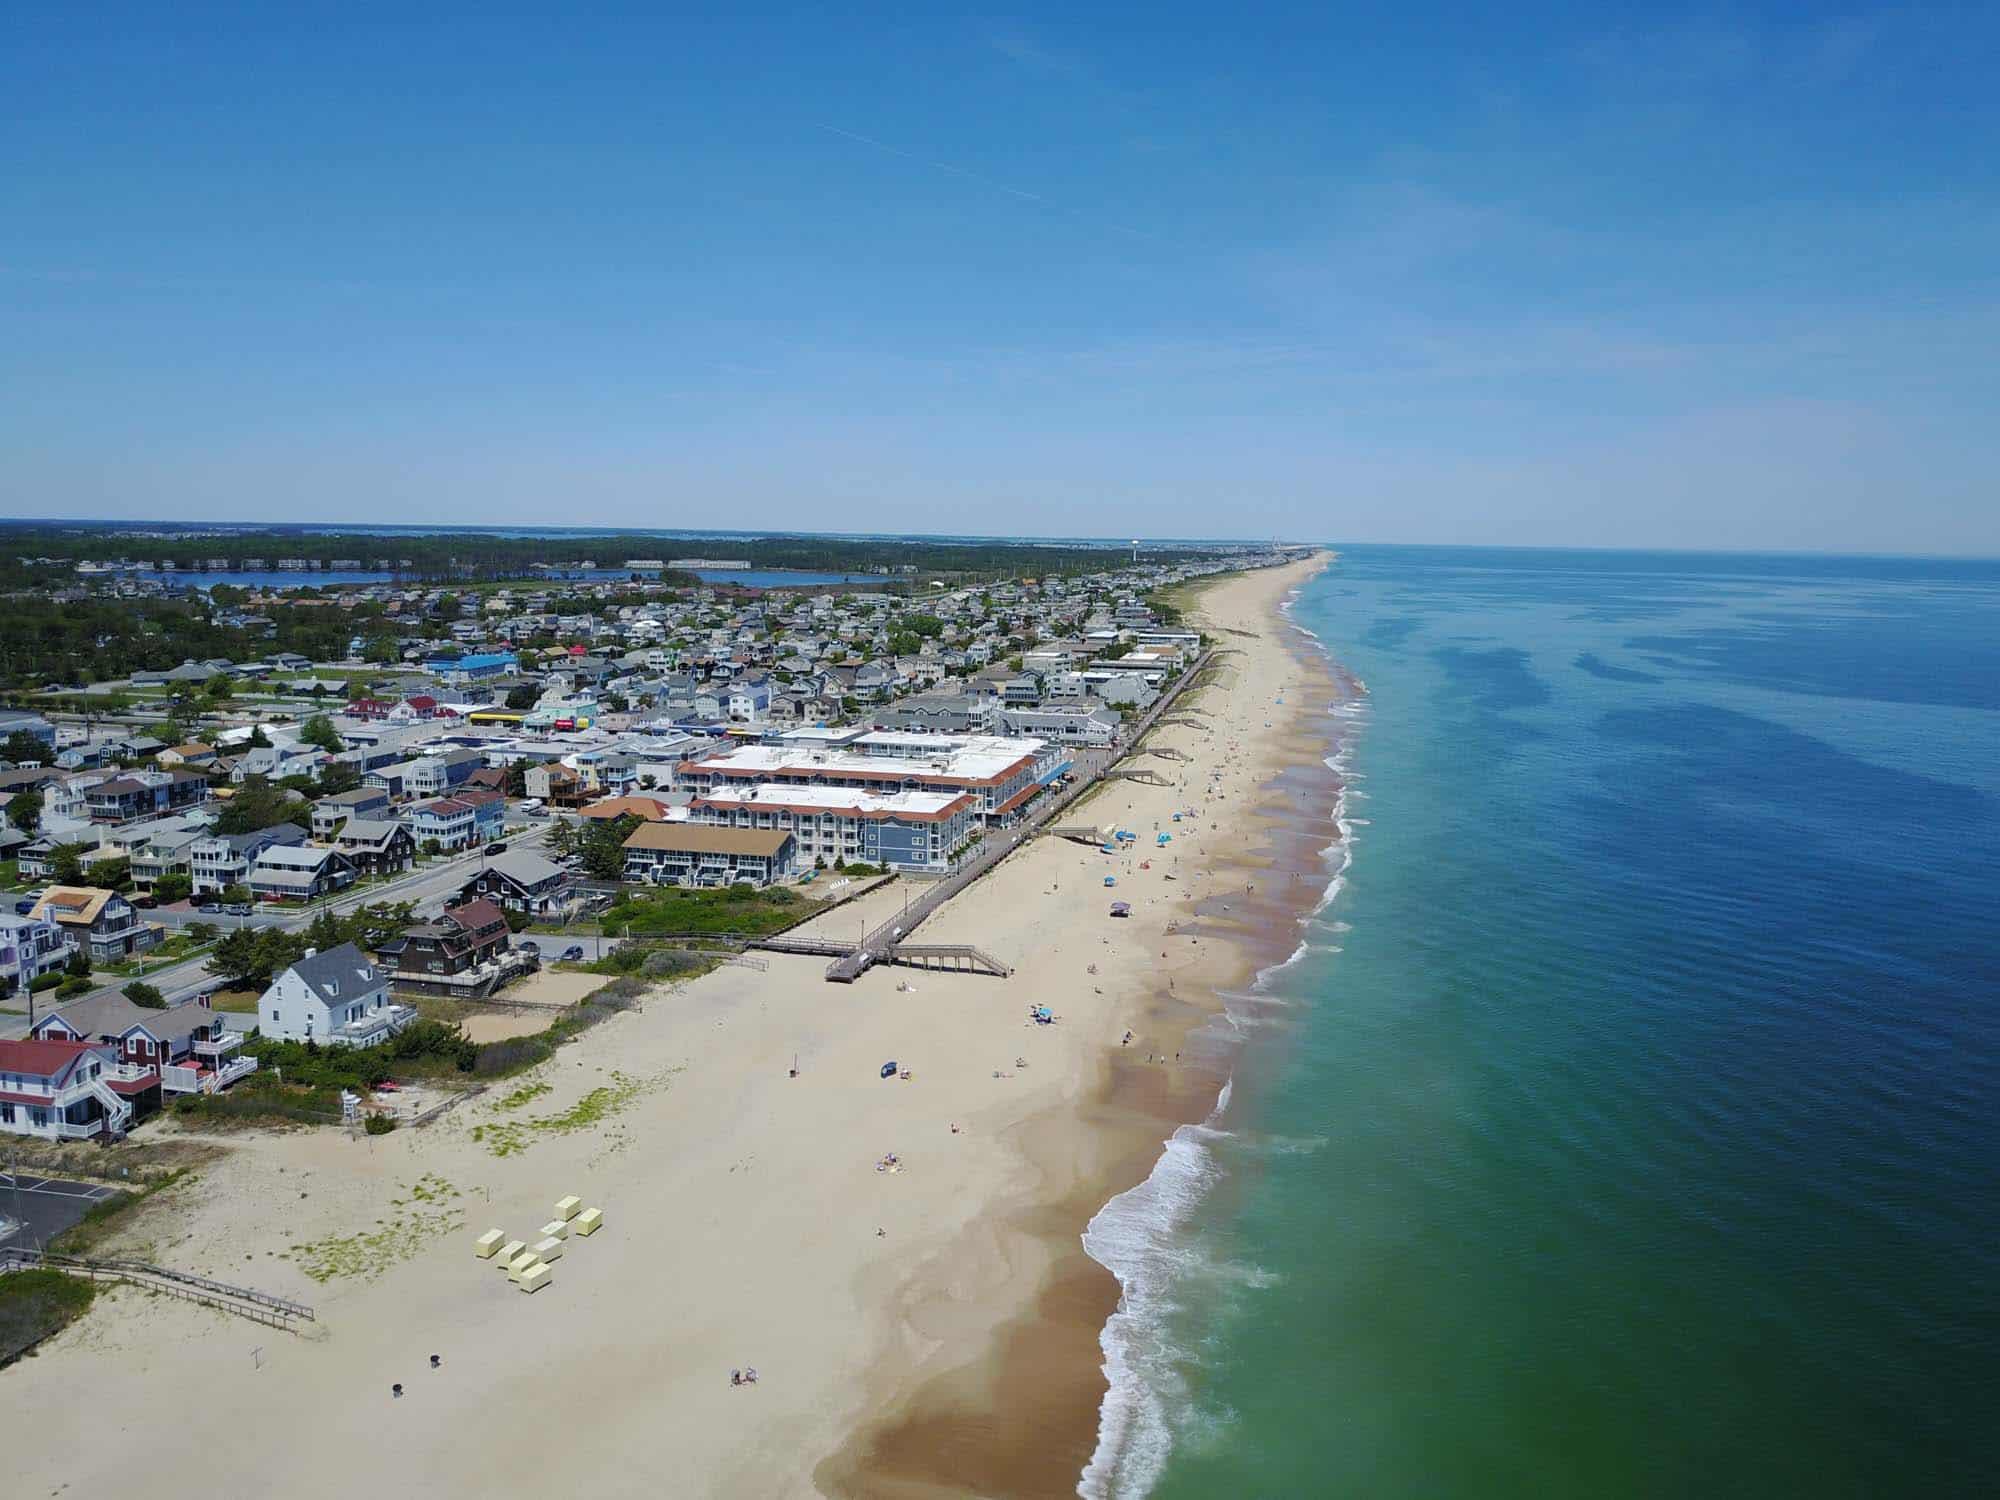 Drone photo of Bethany Beach Delaware